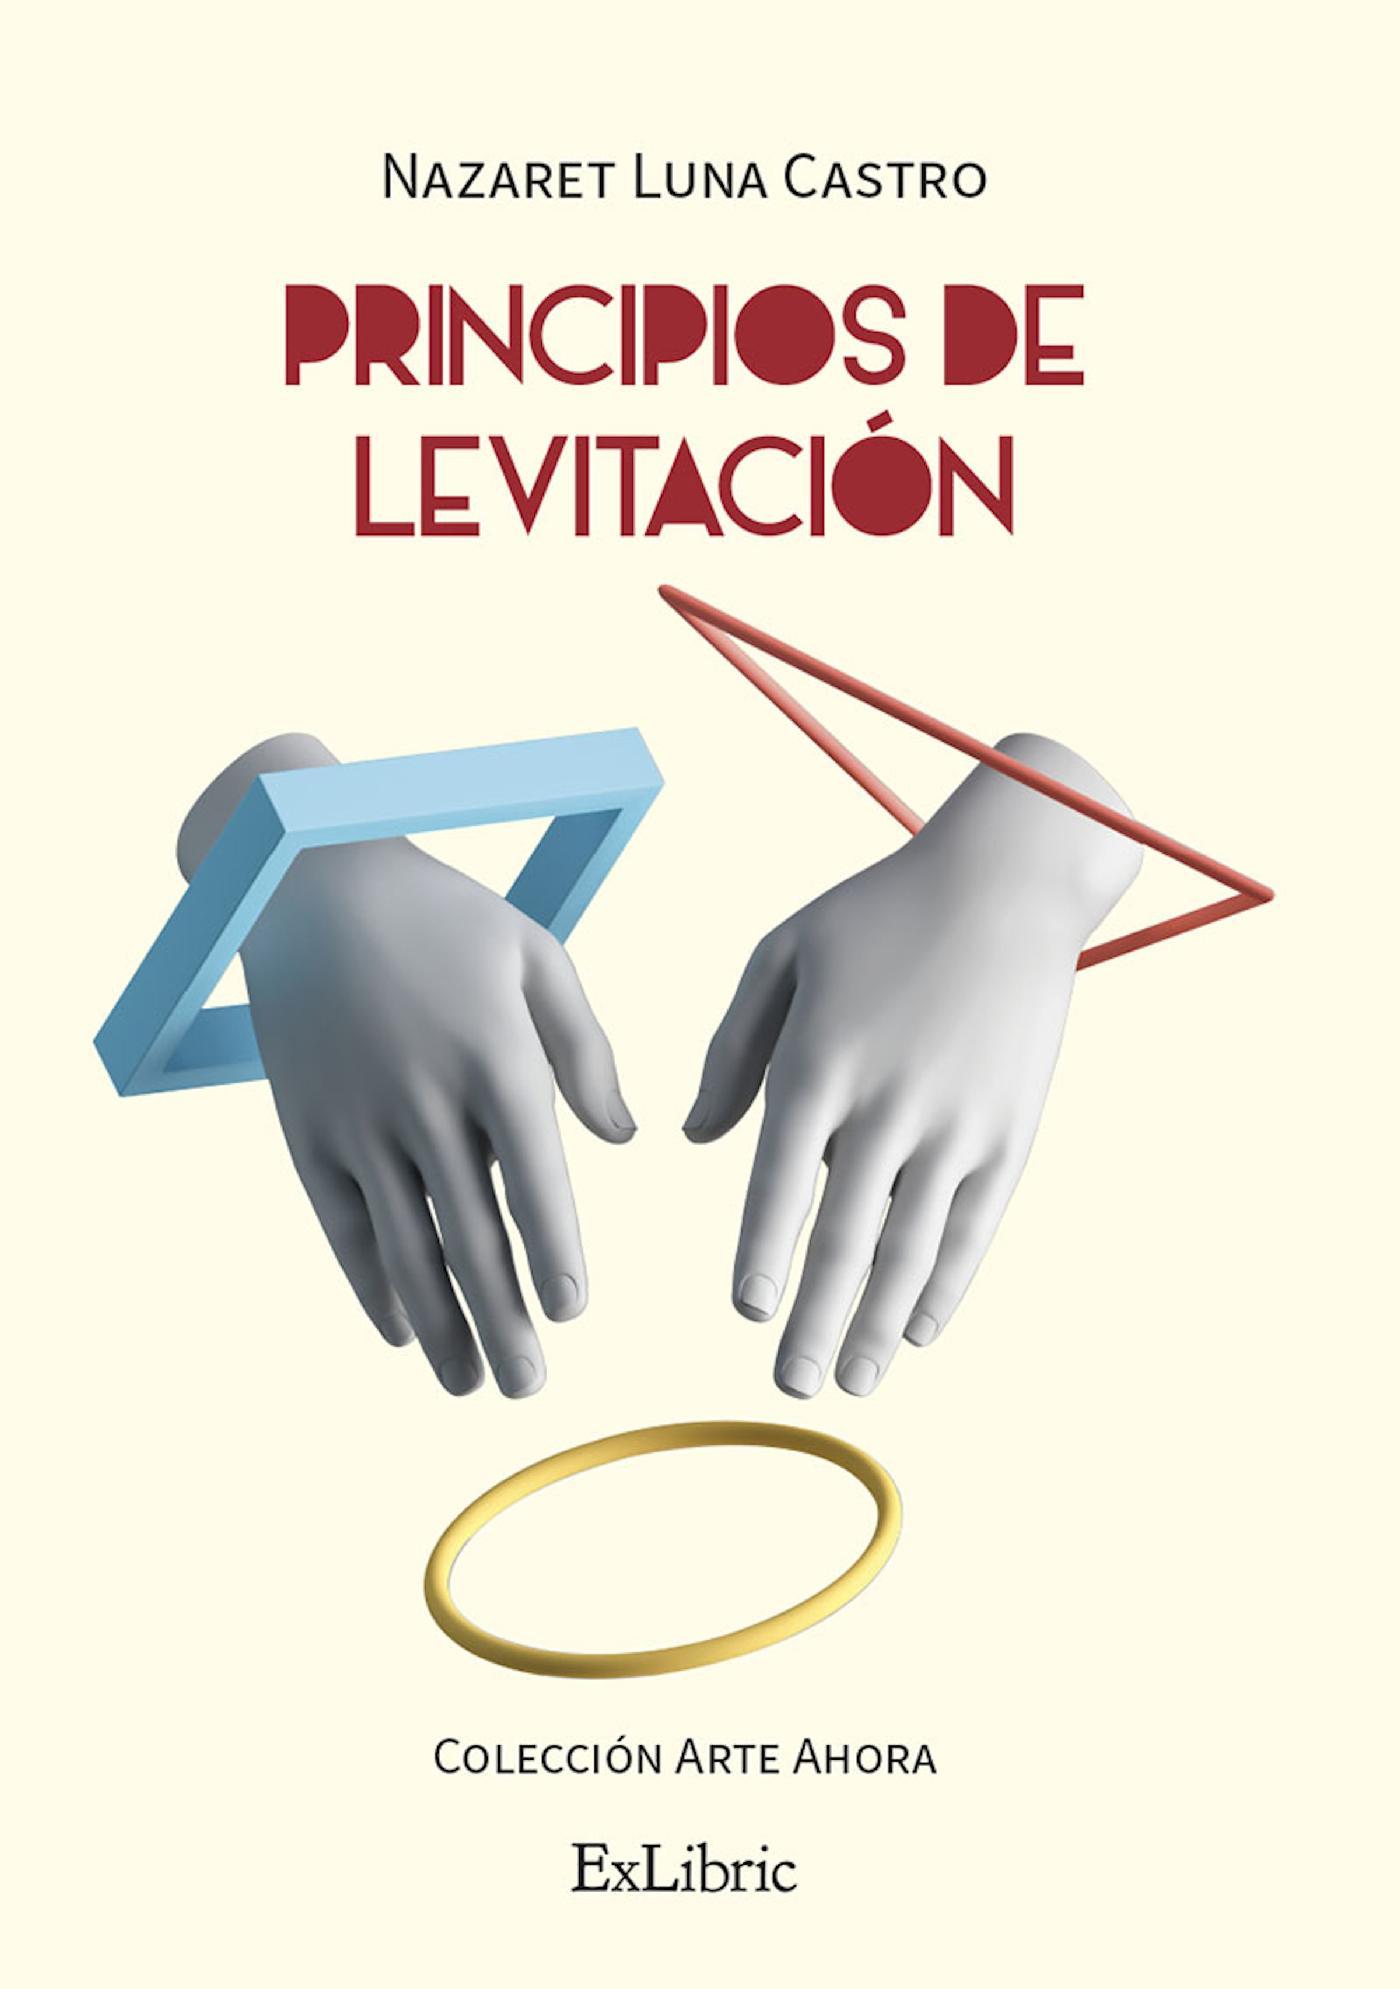 PRINCIPIOS DE LEVITACIÓN